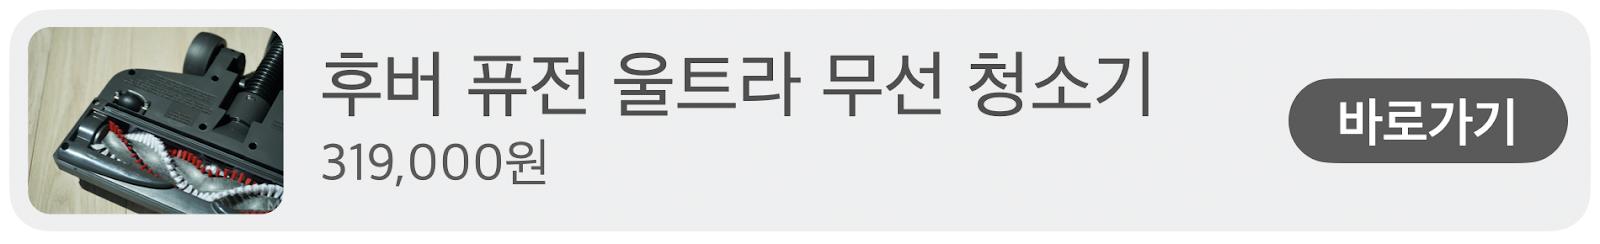 https://smartstore.naver.com/hooverkorea/products/4905191616